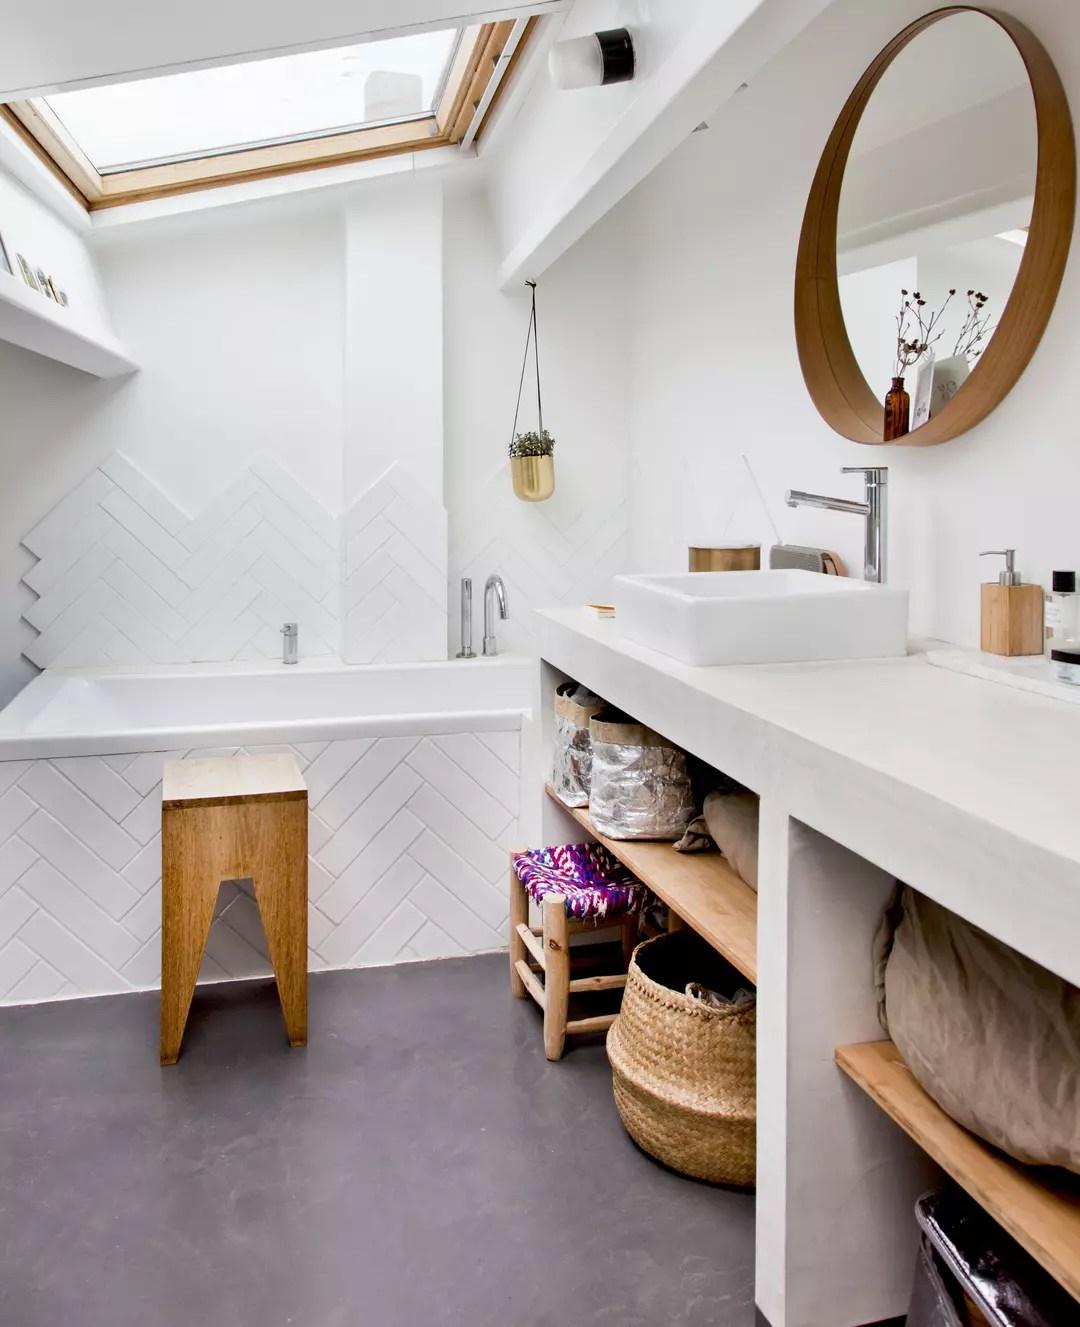 https deco journaldesfemmes fr salle de bains 2417498 pour ou contre le tapis dans la salle de bains